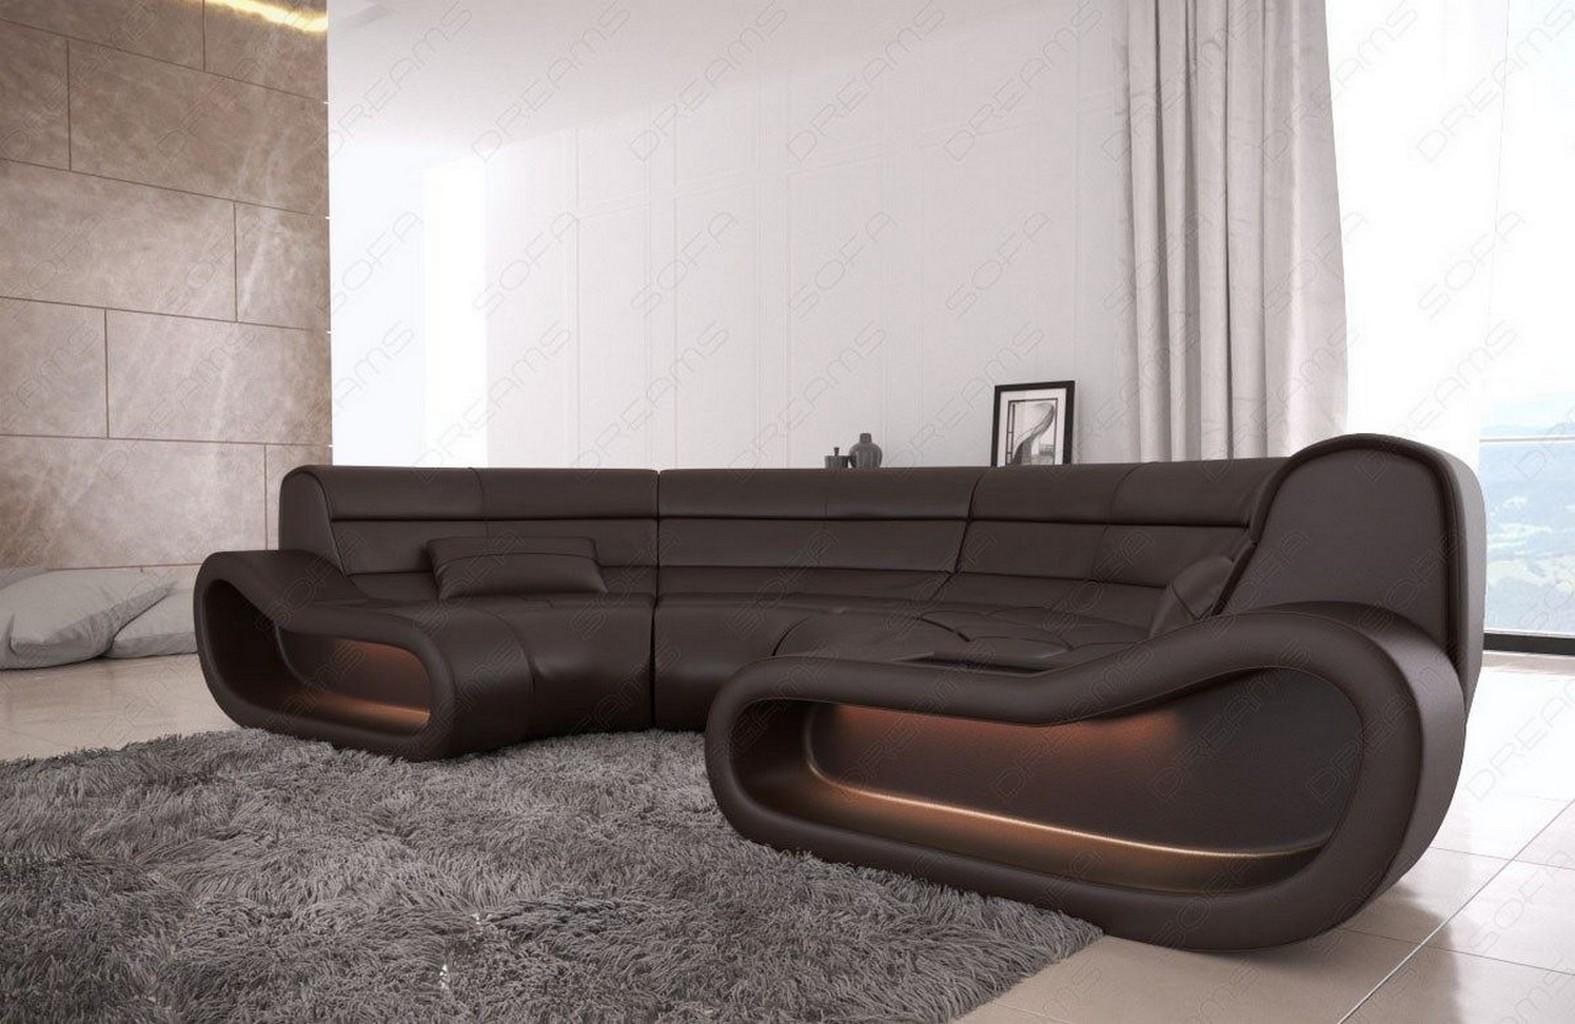 leder couch bigsofa ecksofa megacouch gem tlich. Black Bedroom Furniture Sets. Home Design Ideas